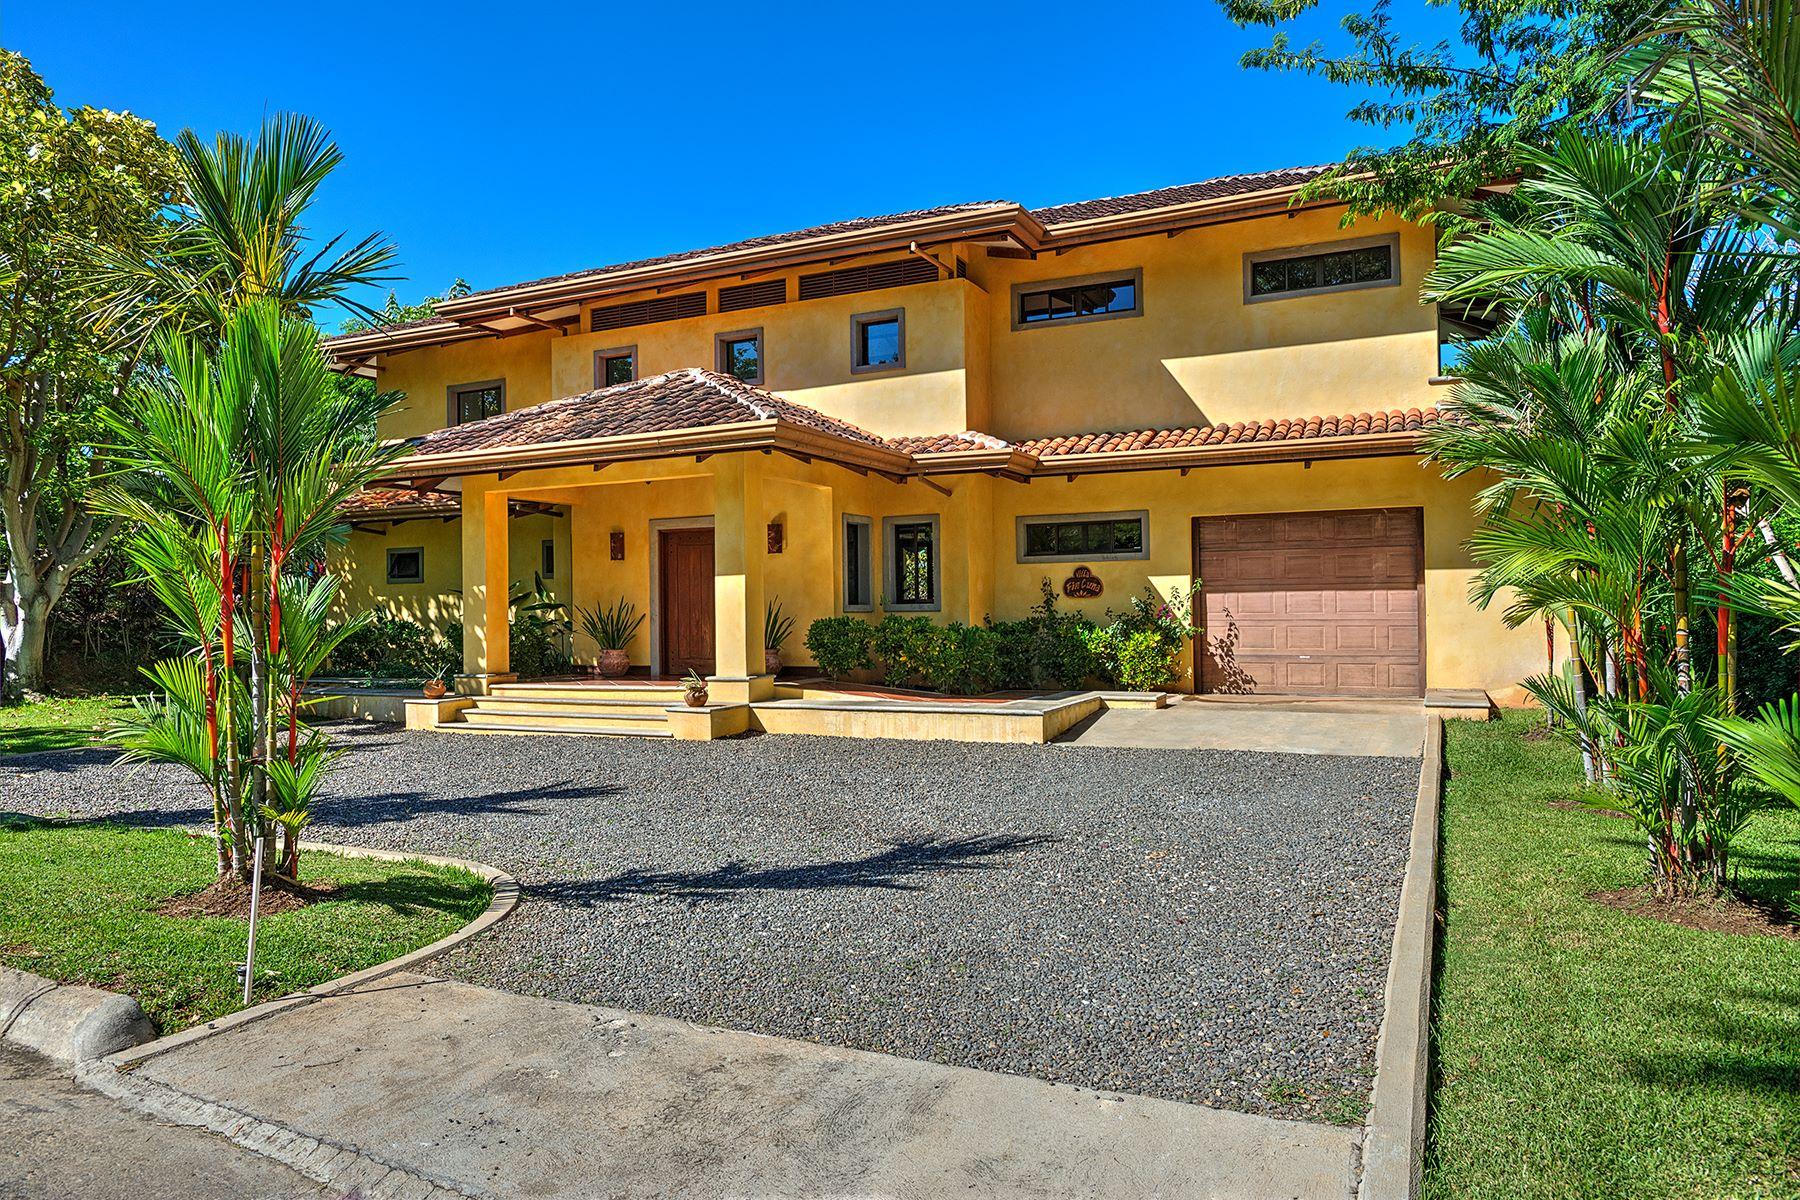 独户住宅 为 销售 在 Villa Fin Luna PRICE REDUCED Reserva Conchal, 瓜那卡斯特, 哥斯达黎加